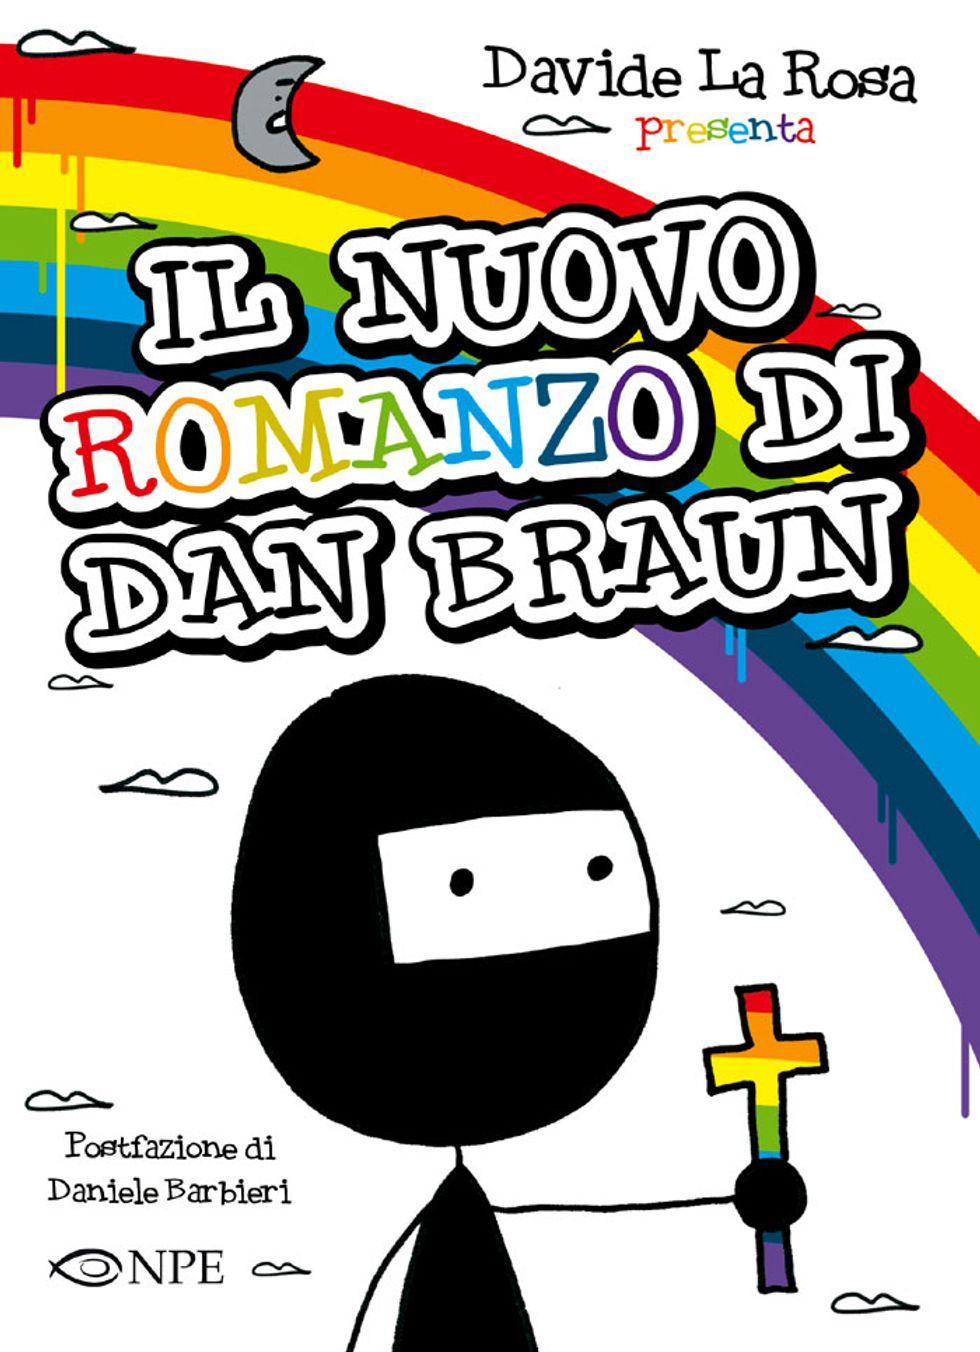 """Dal blog alla libreria: """"Il nuovo romanzo di Dan Braun"""""""